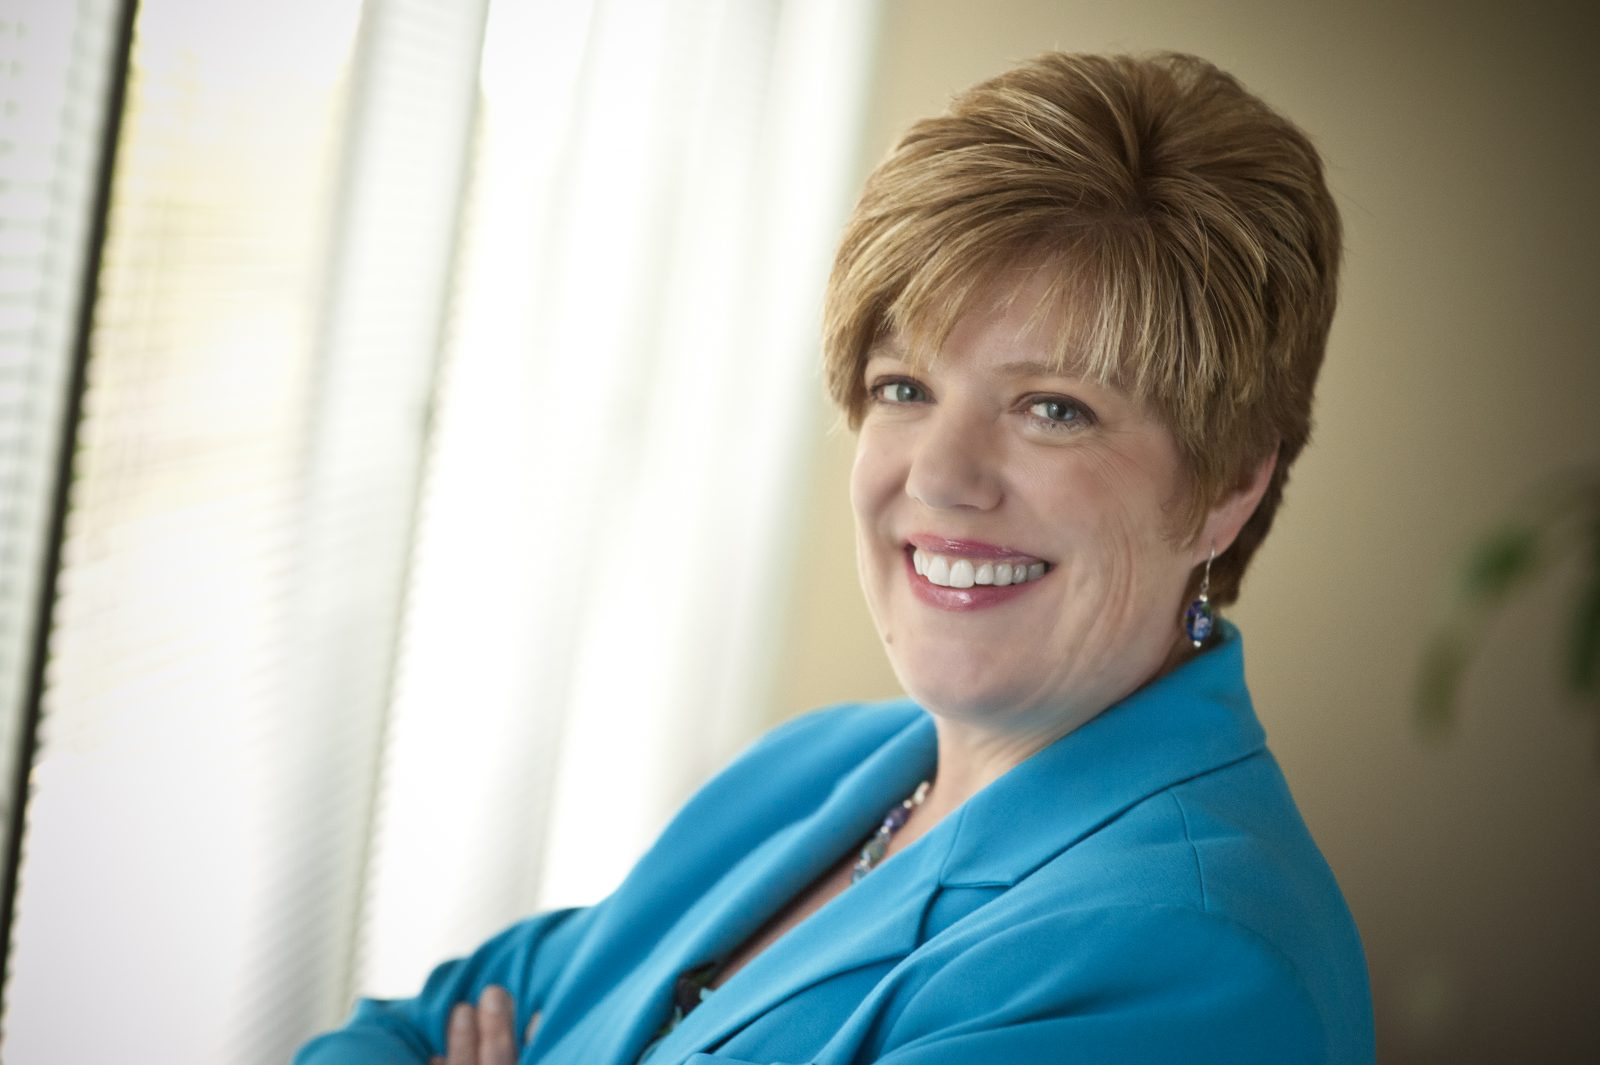 Karen Doerner